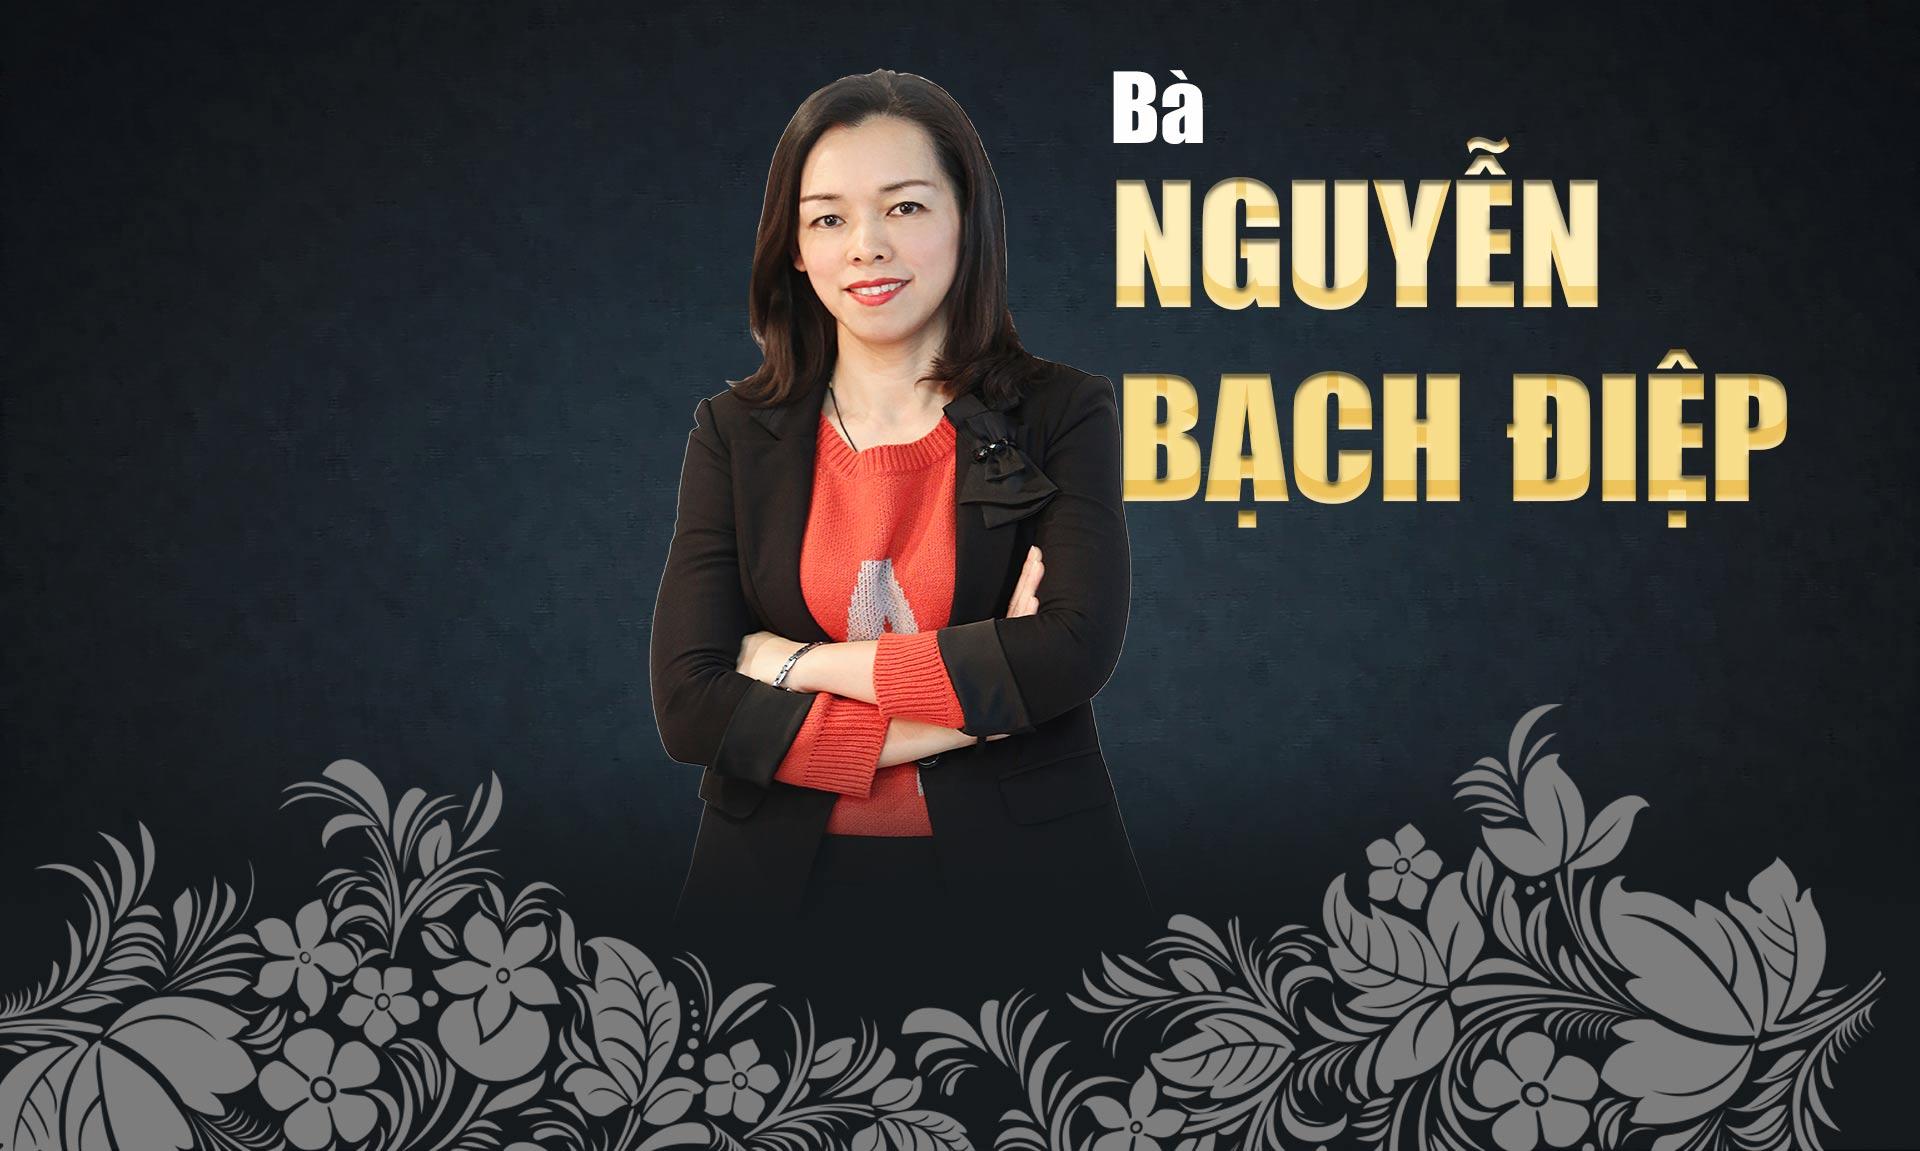 10 phụ nữ Việt gây choáng bởi sự giàu có, giỏi giang và quyền lực - 33